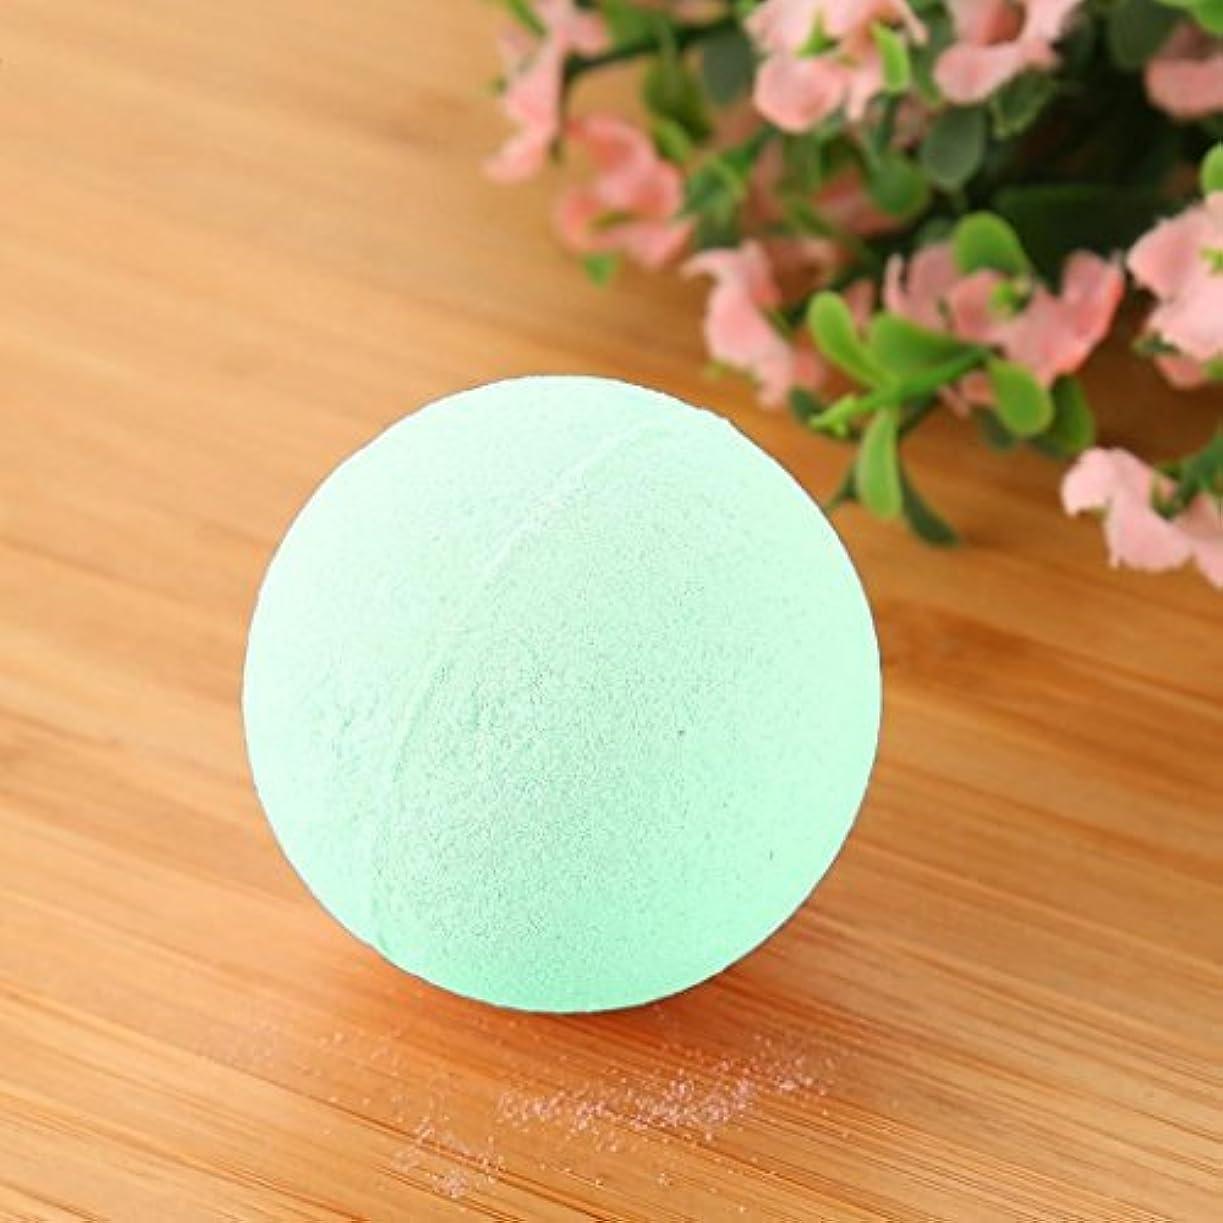 二層オン宣伝バブル塩風呂の贈り物のためにボールをリラックスした女性の塩